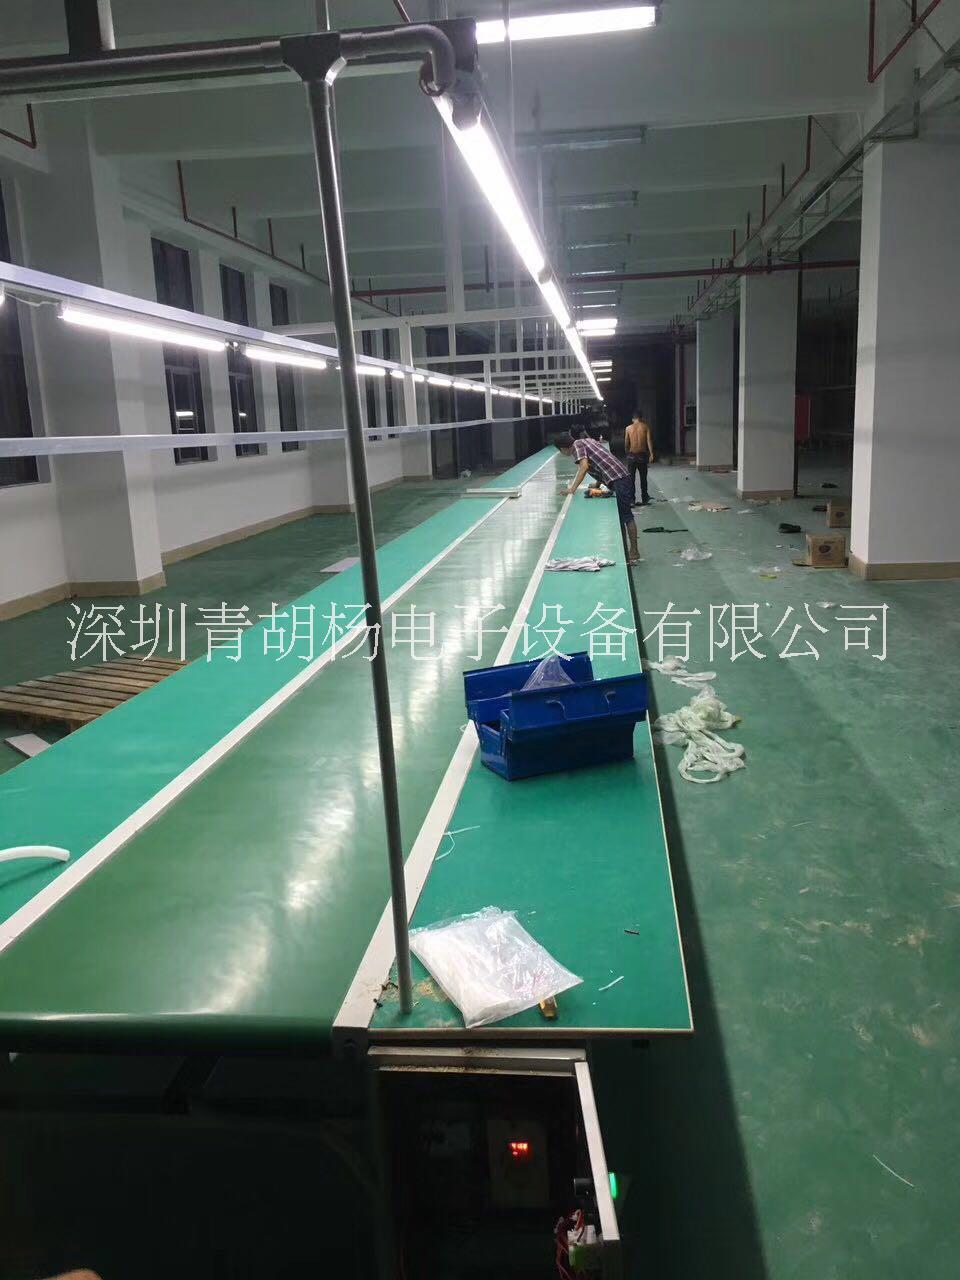 重庆哪里有流水线工作台厂家定制?重庆服装流水线批发,重庆流水线工作台哪家便宜?